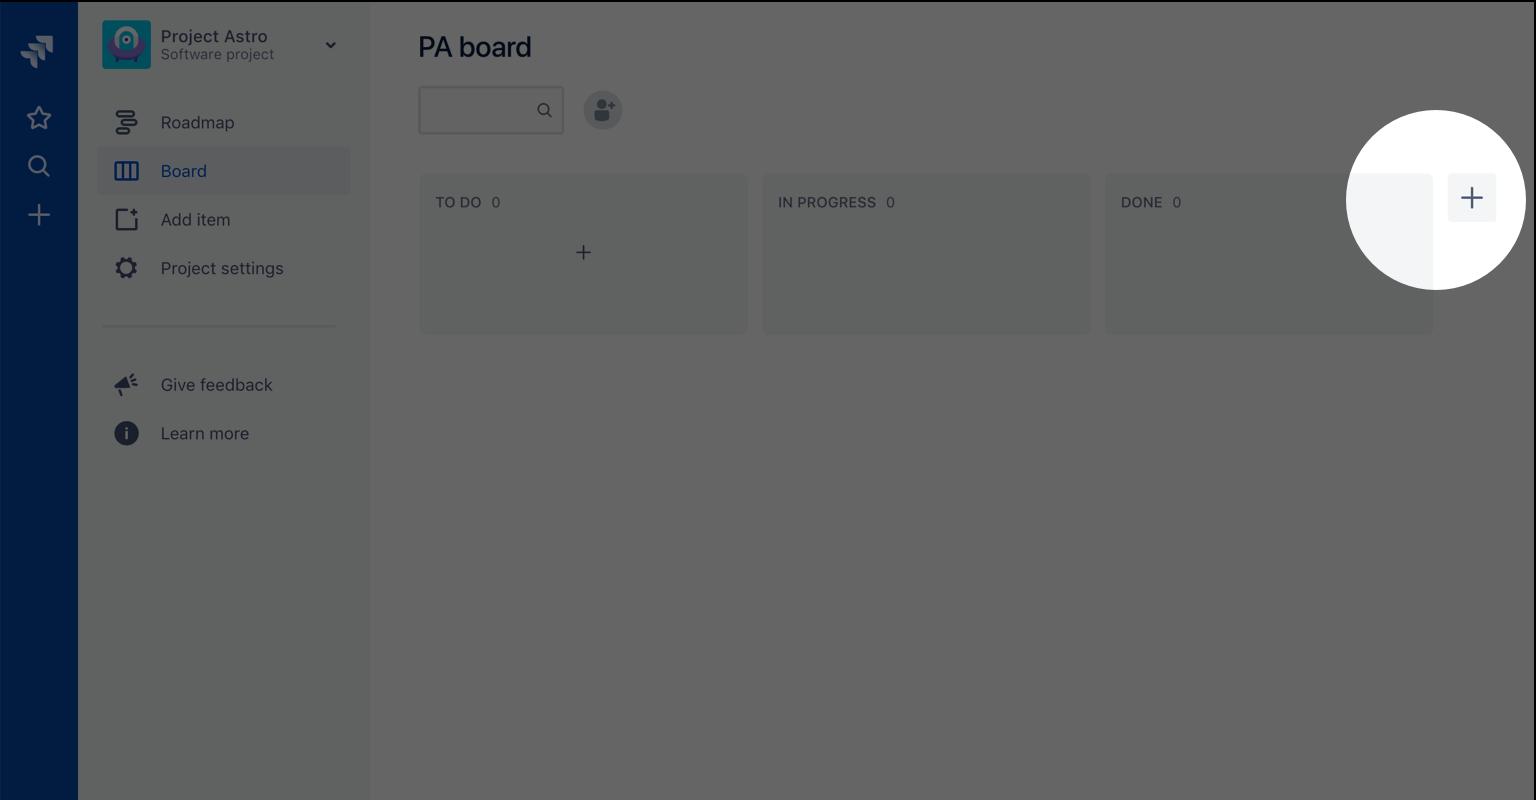 新しい列のボタンをハイライトしたスクリーンショット